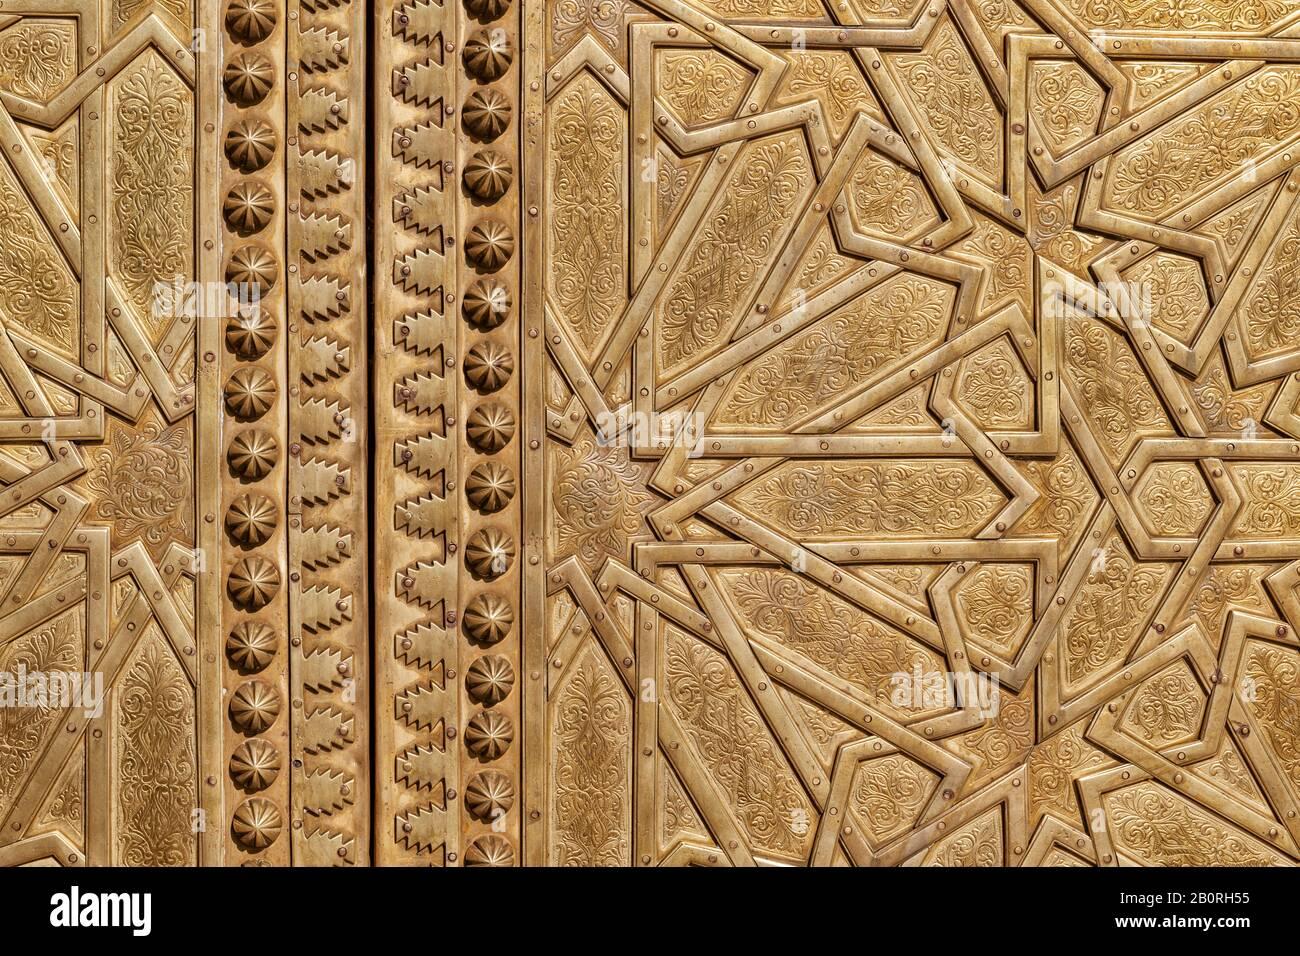 Porte d'or de la porte du palais royal à Fès, Maroc. Image d'arrière-plan abstraite. Banque D'Images